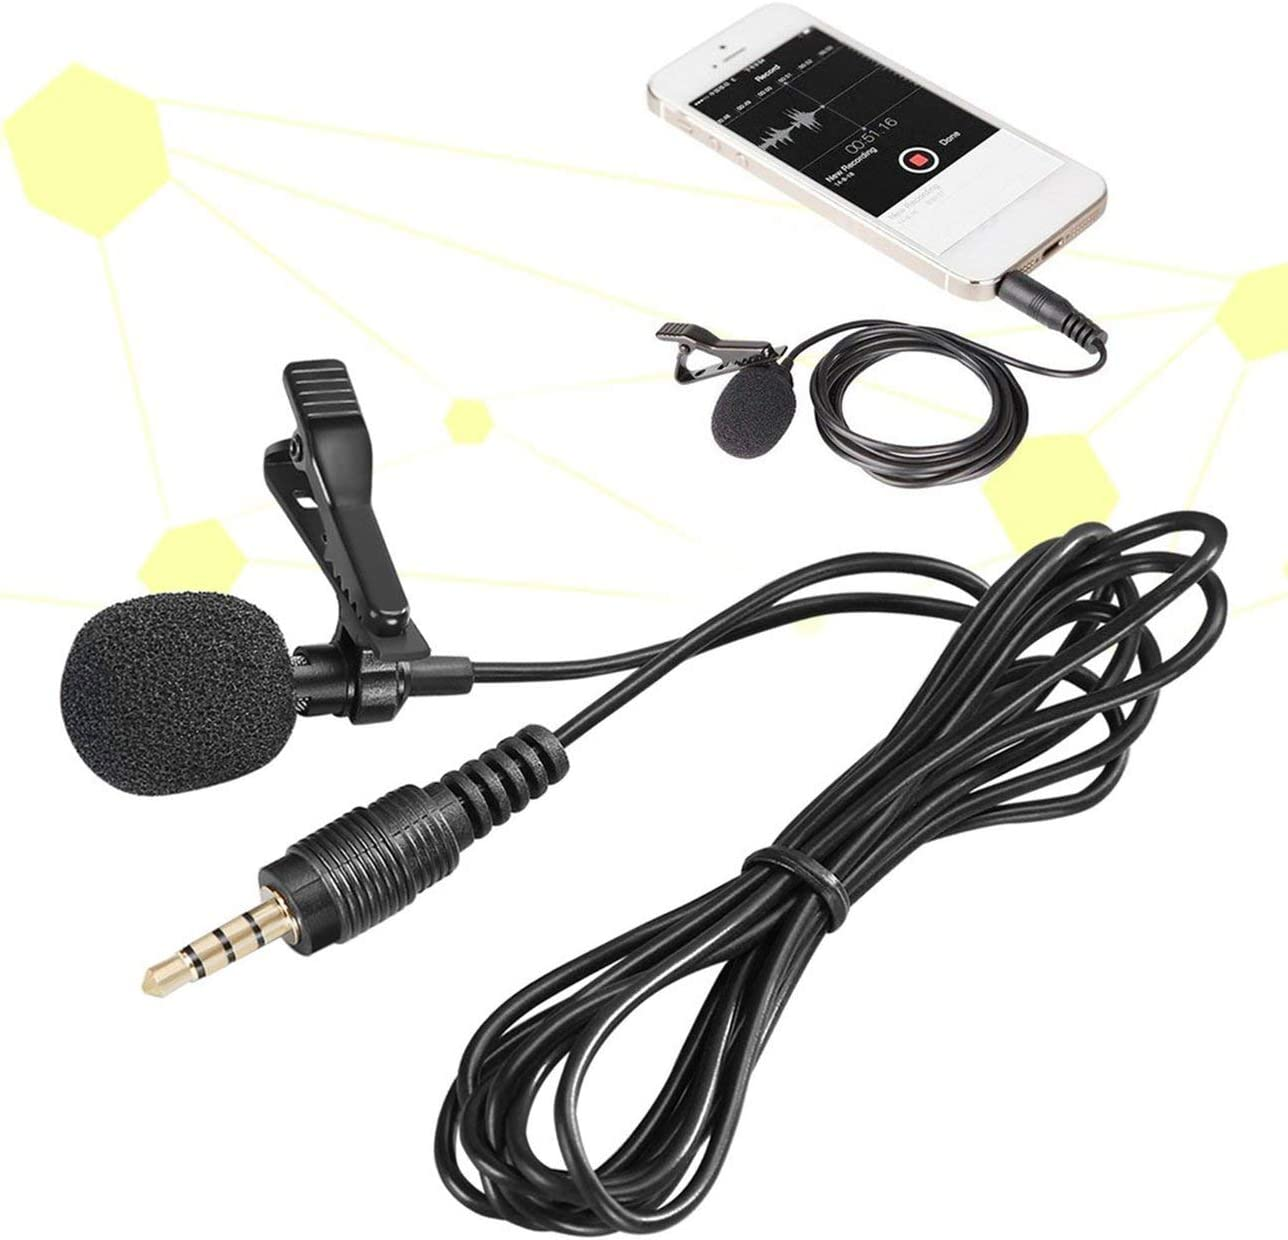 Ballylelly Mini Lavalier Mic Micr/ófono Estuche para iPhone Smartphone Grabaci/ón Pc Clip-On Solapa Soporte Micr/ófono Contestador Tel/éfono